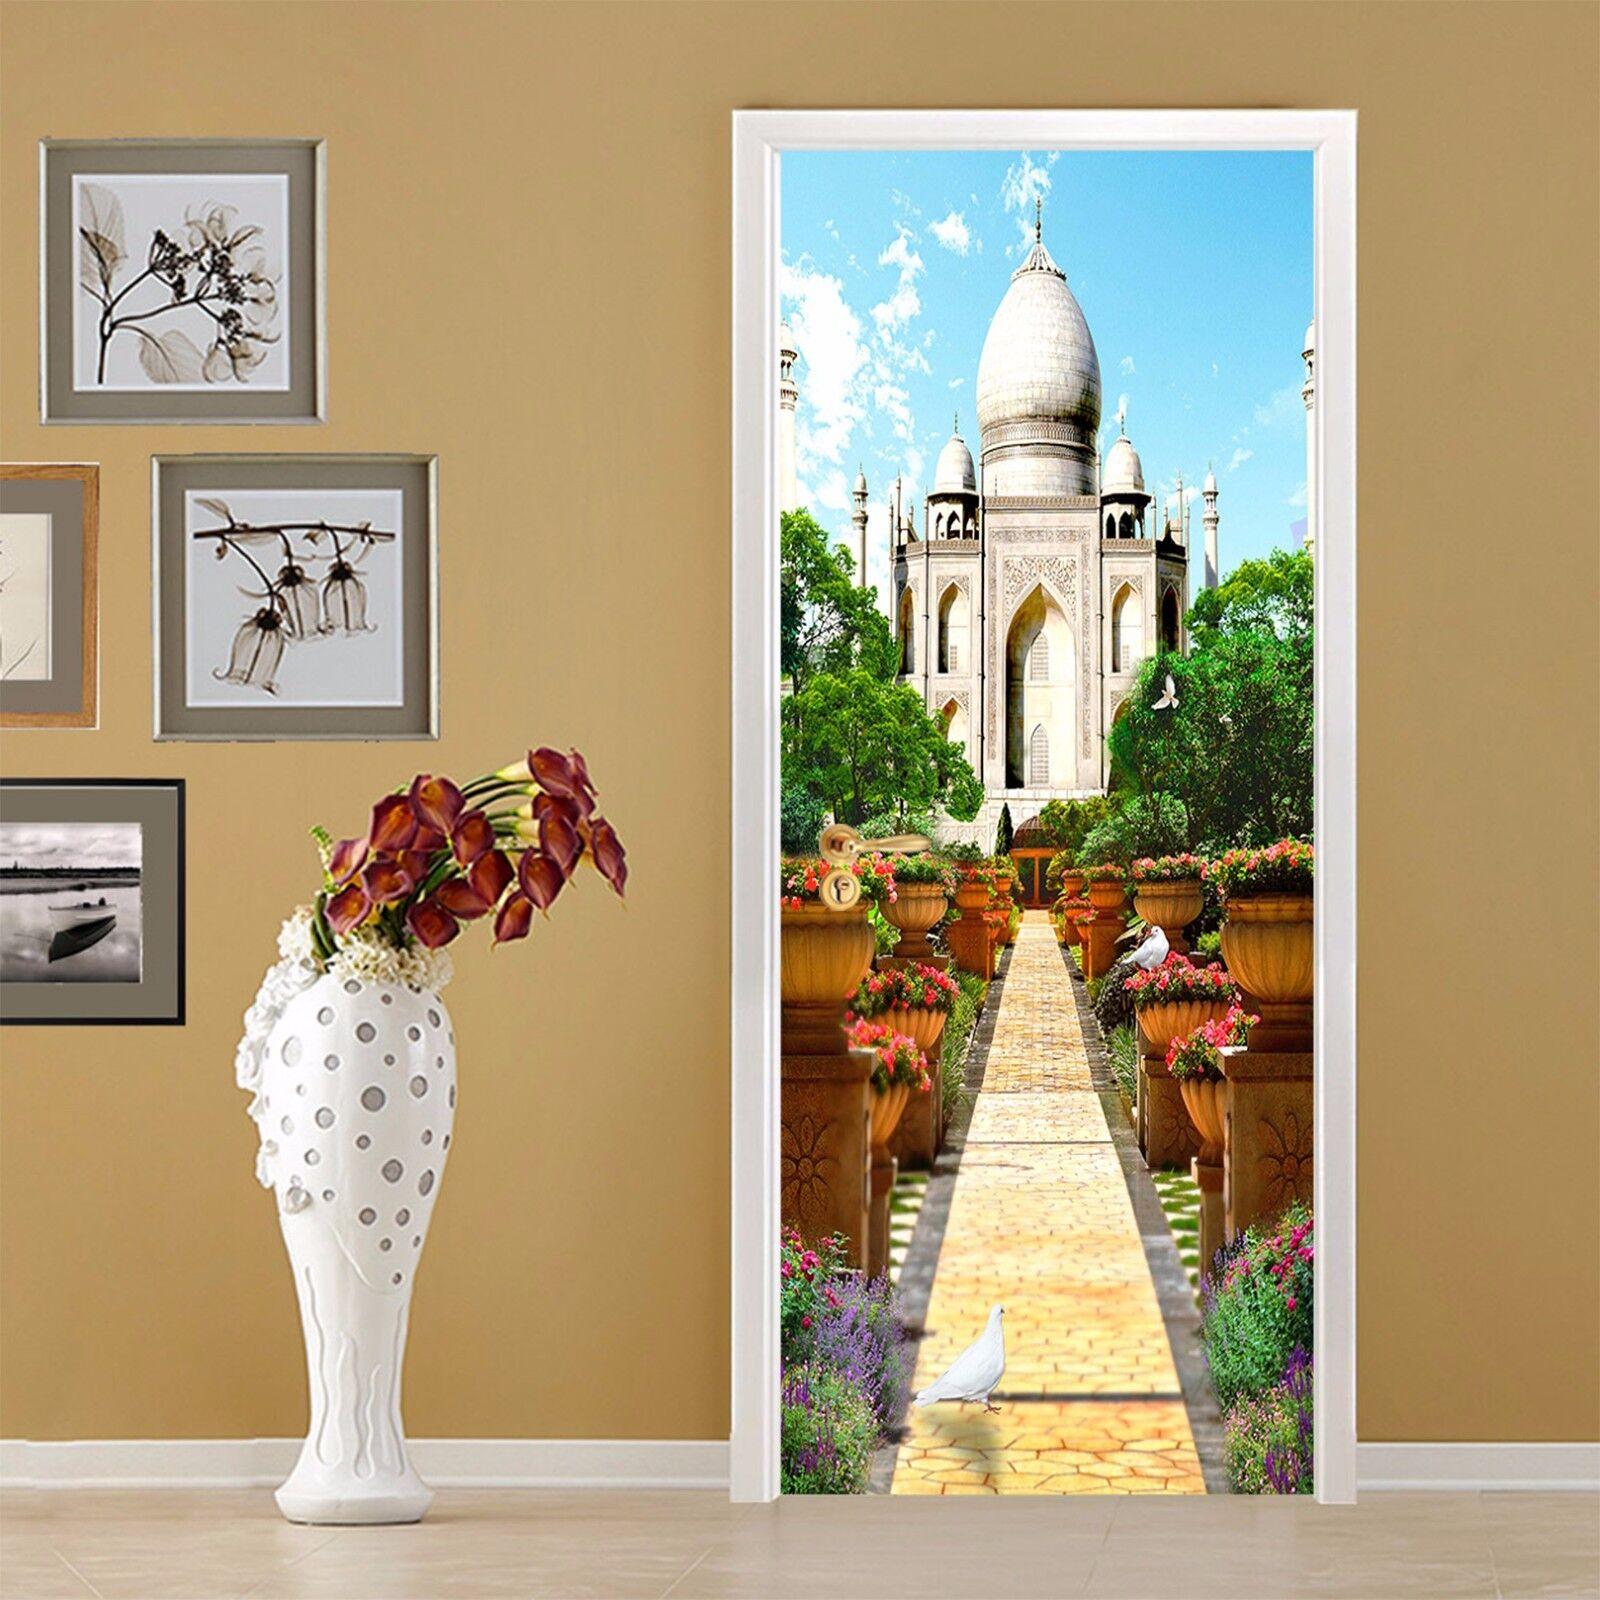 3D Schloss 710 Tür Wandmalerei Wandaufkleber Wandaufkleber Wandaufkleber Aufkleber AJ WALLPAPER DE Kyra  | Angemessener Preis  | Schöne Farbe  | Ausgezeichneter Wert  e1d5cb